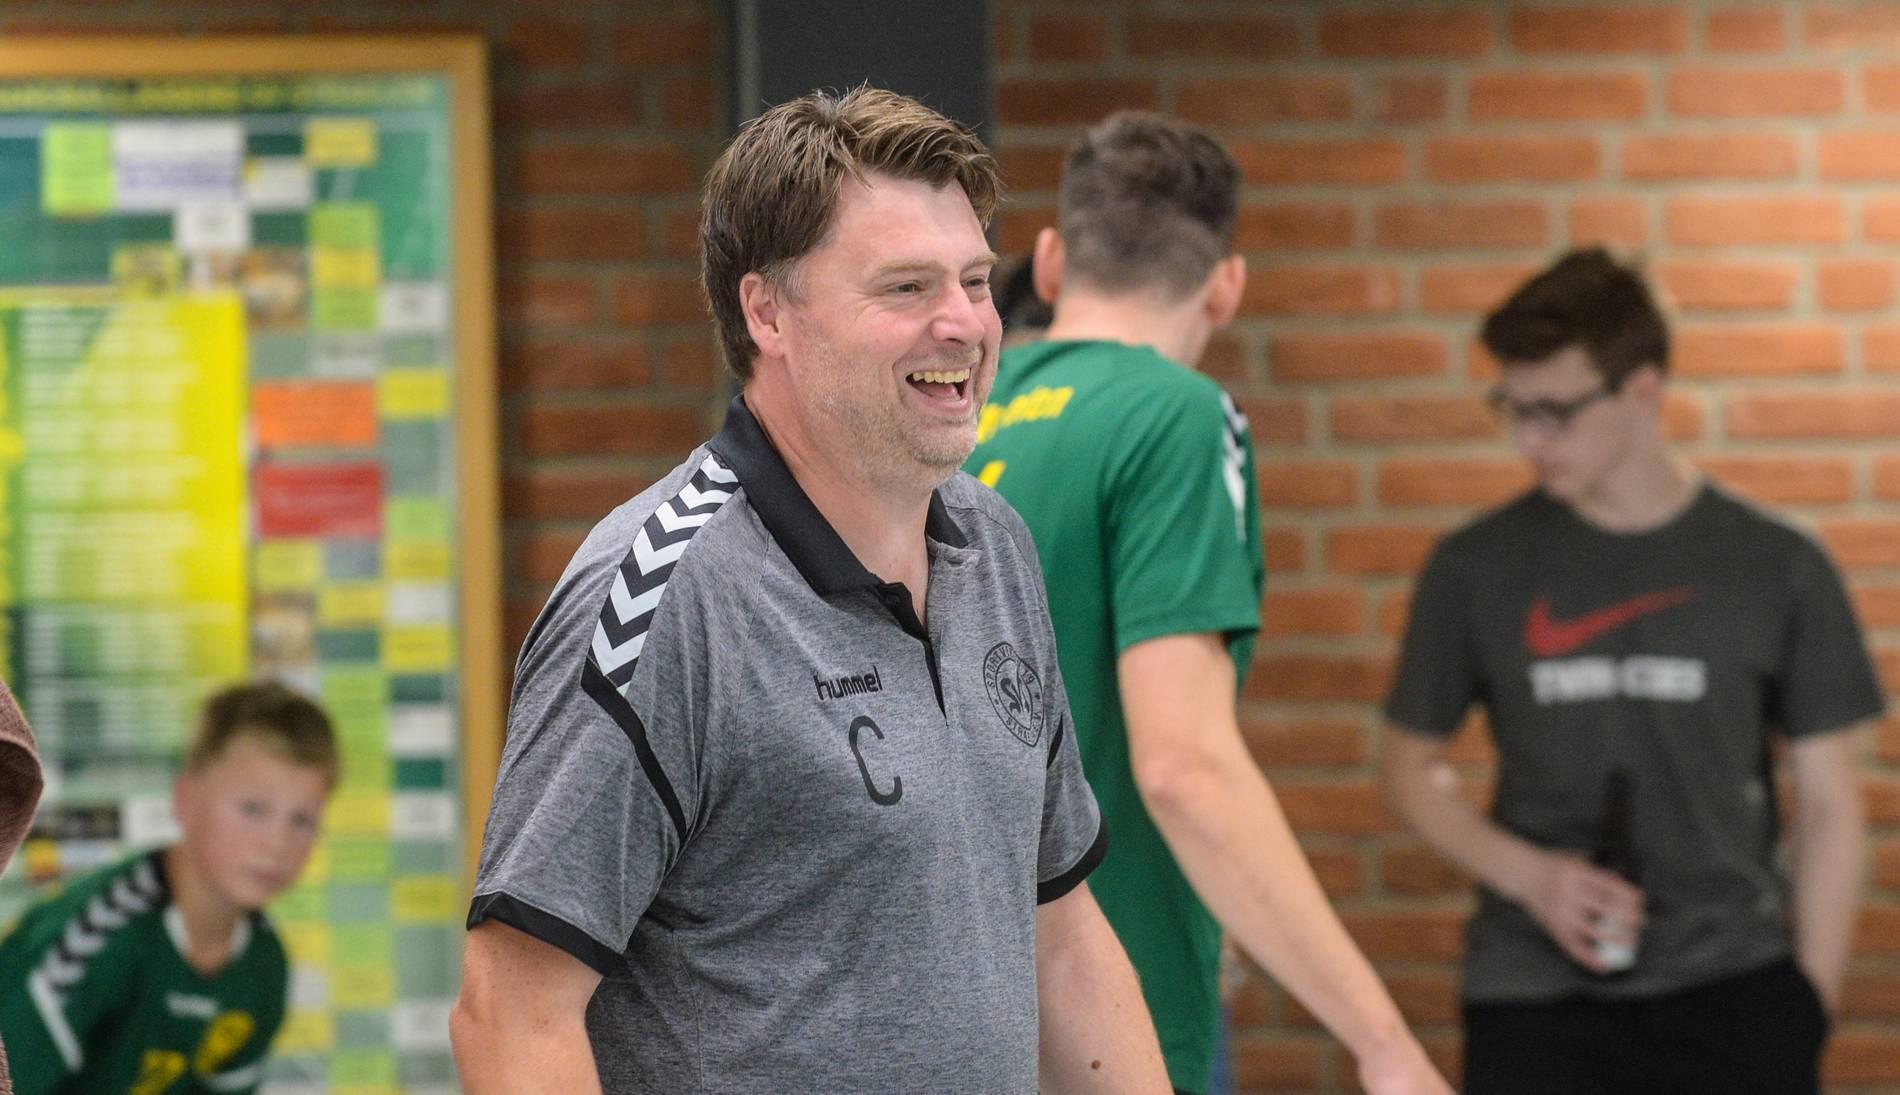 Dietmar Beiersdorf